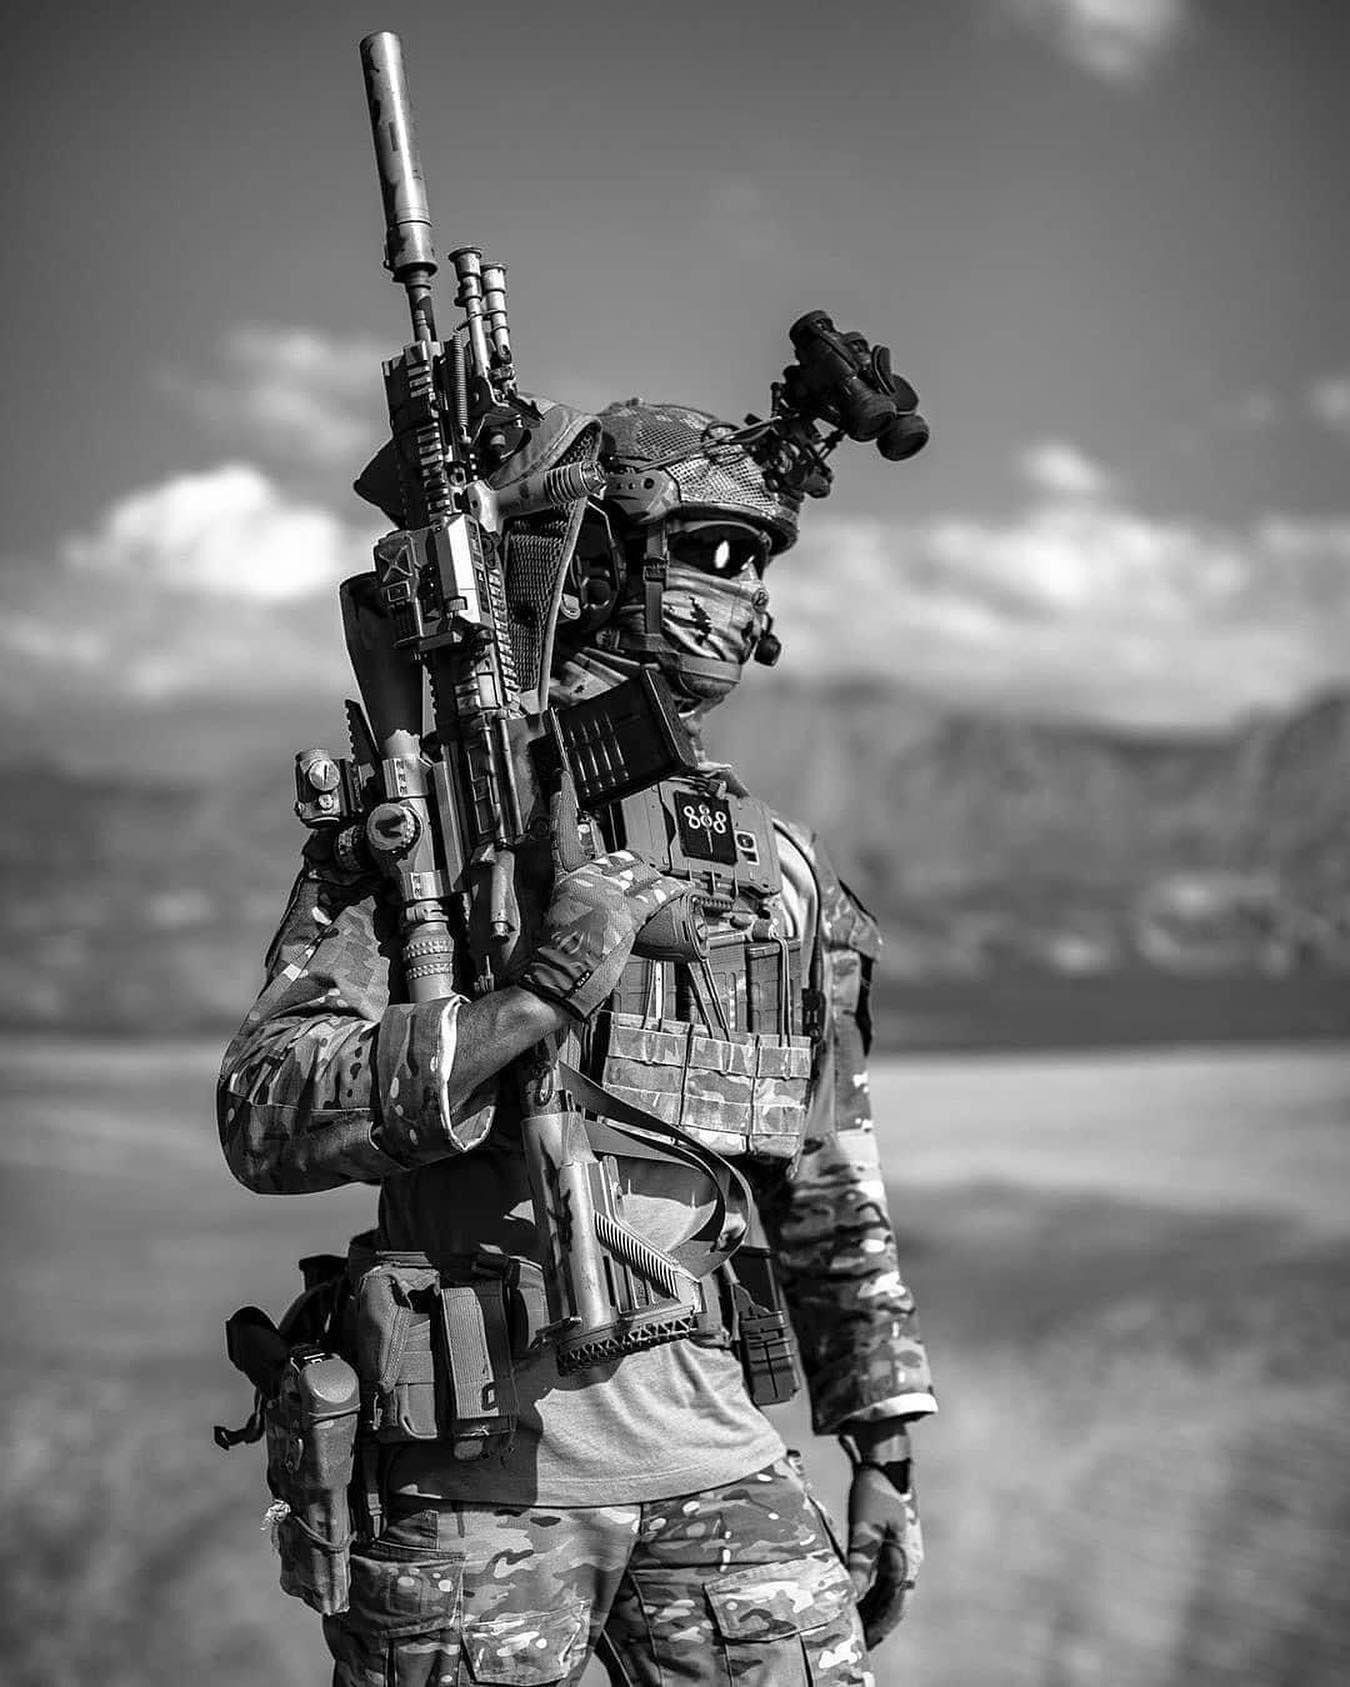 Abonne Toi A Zone Militaire Pour Plus De Contenu Militaire Militairefrancais Militai Militaire Francais Camouflage Militaire Navy Seals